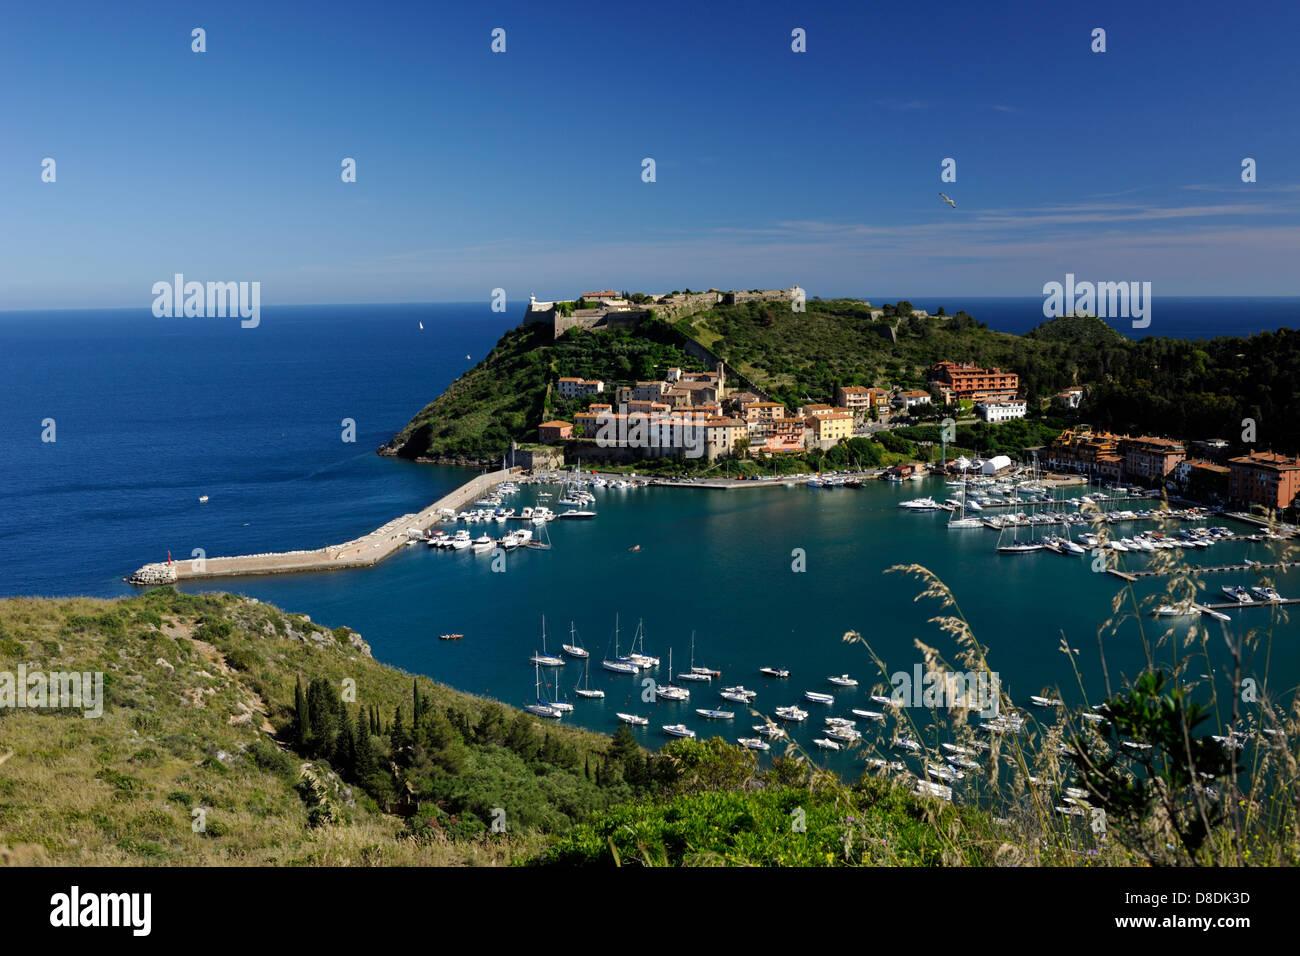 italy, tuscany, argentario, porto ercole Stock Photo